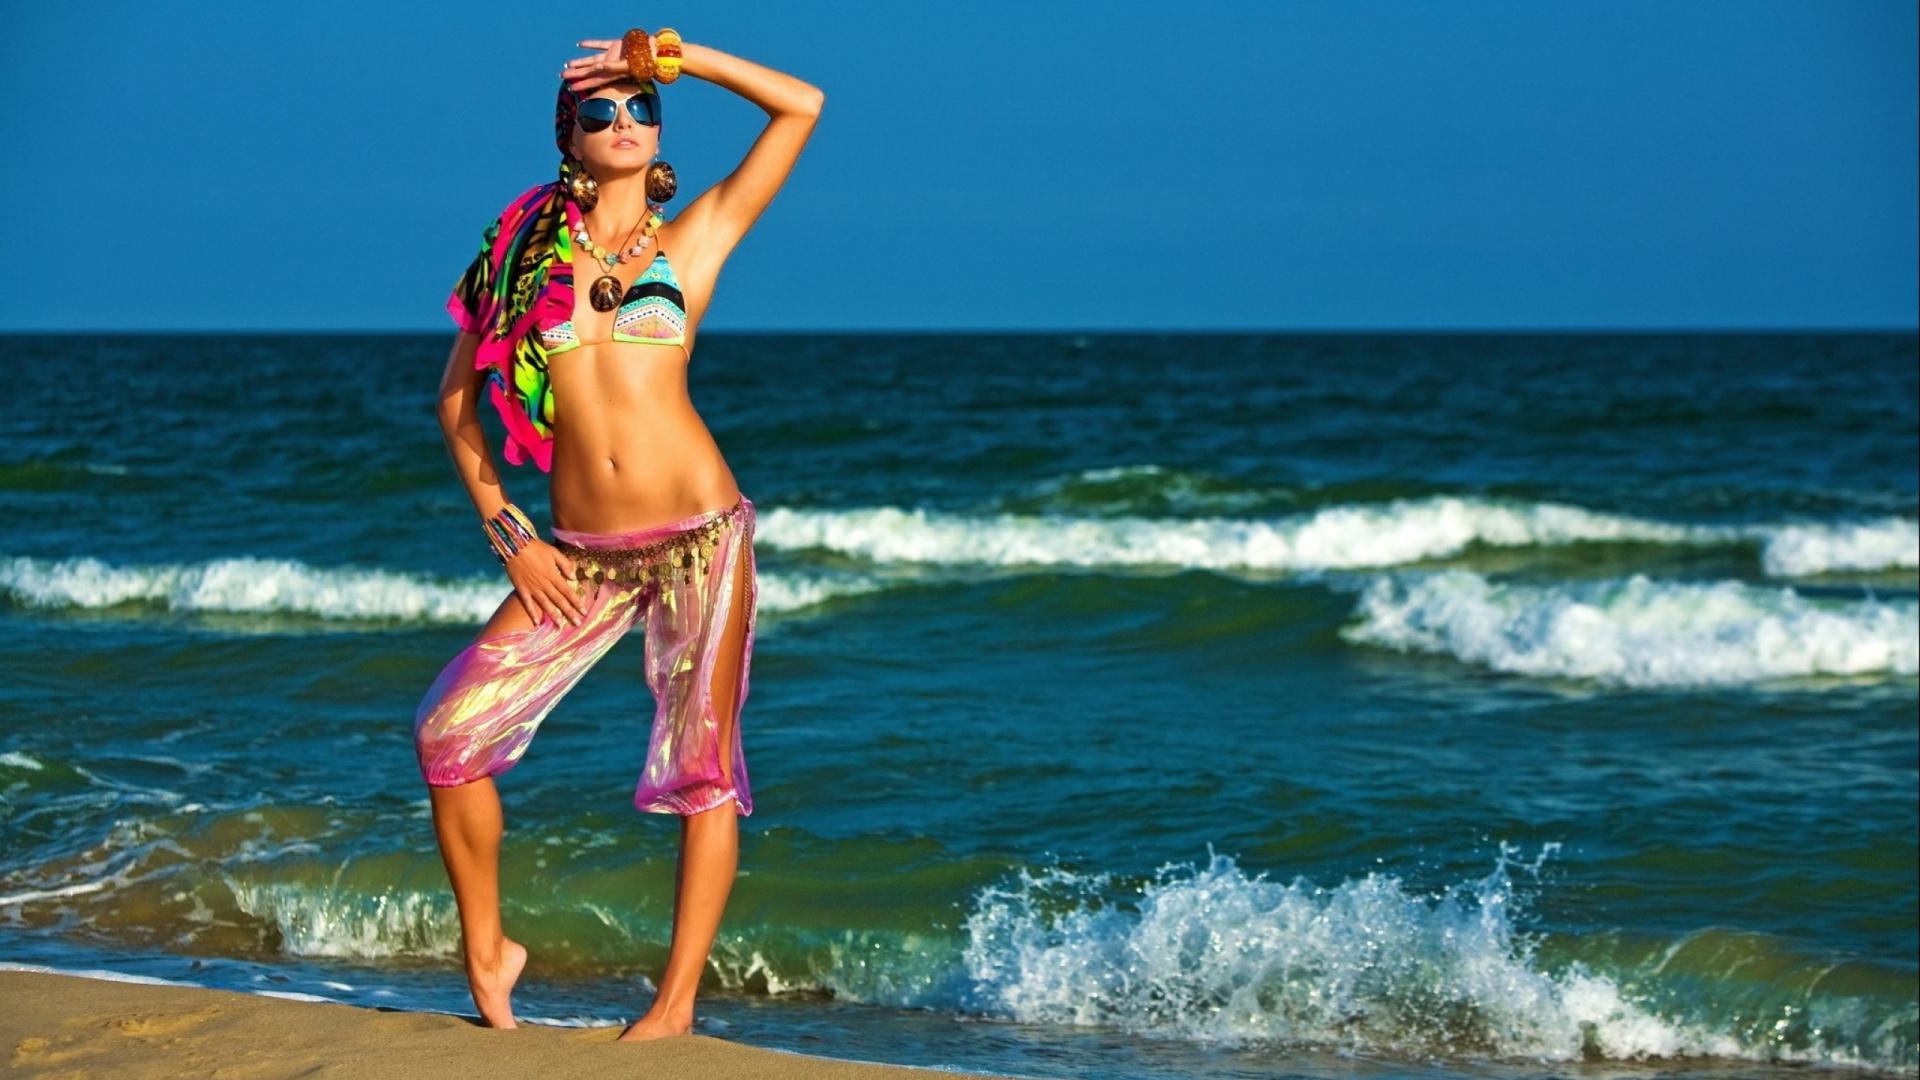 Hot Beach Girl Swimsuit HD Wallpaper of Beach - hdwallpaper2013 com